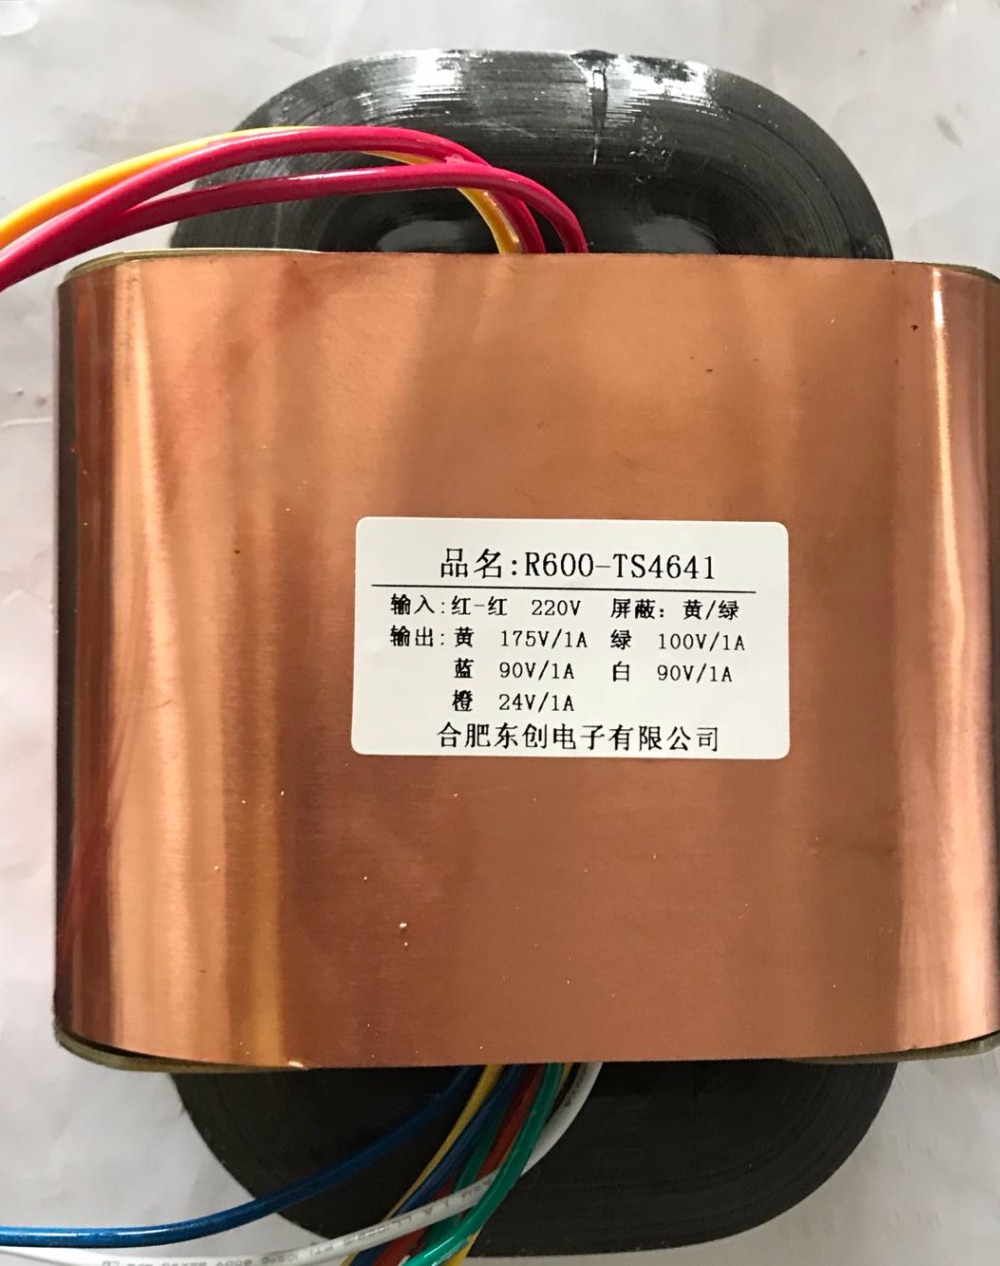 175 В 1A 100 В 1A 2*90 В 1A 24 В 1A R сердечника трансформатора 480VA R600 пользовательские трансформатор 220 В медный щит Мощность усилитель